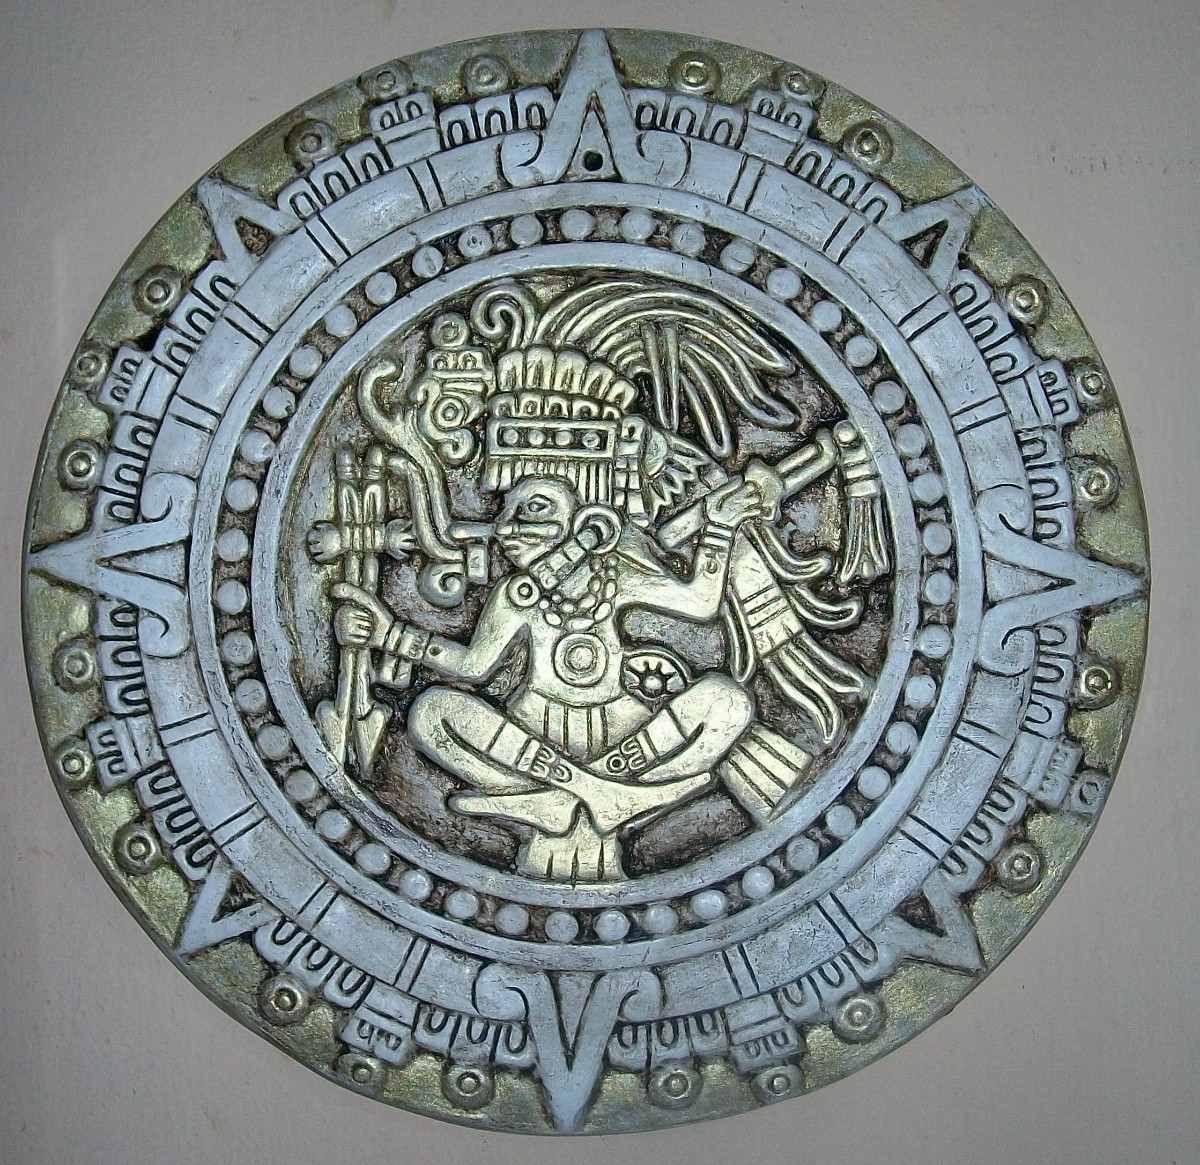 calendarios maya y azteca - Buscar con Google | para pintar/estampar ...